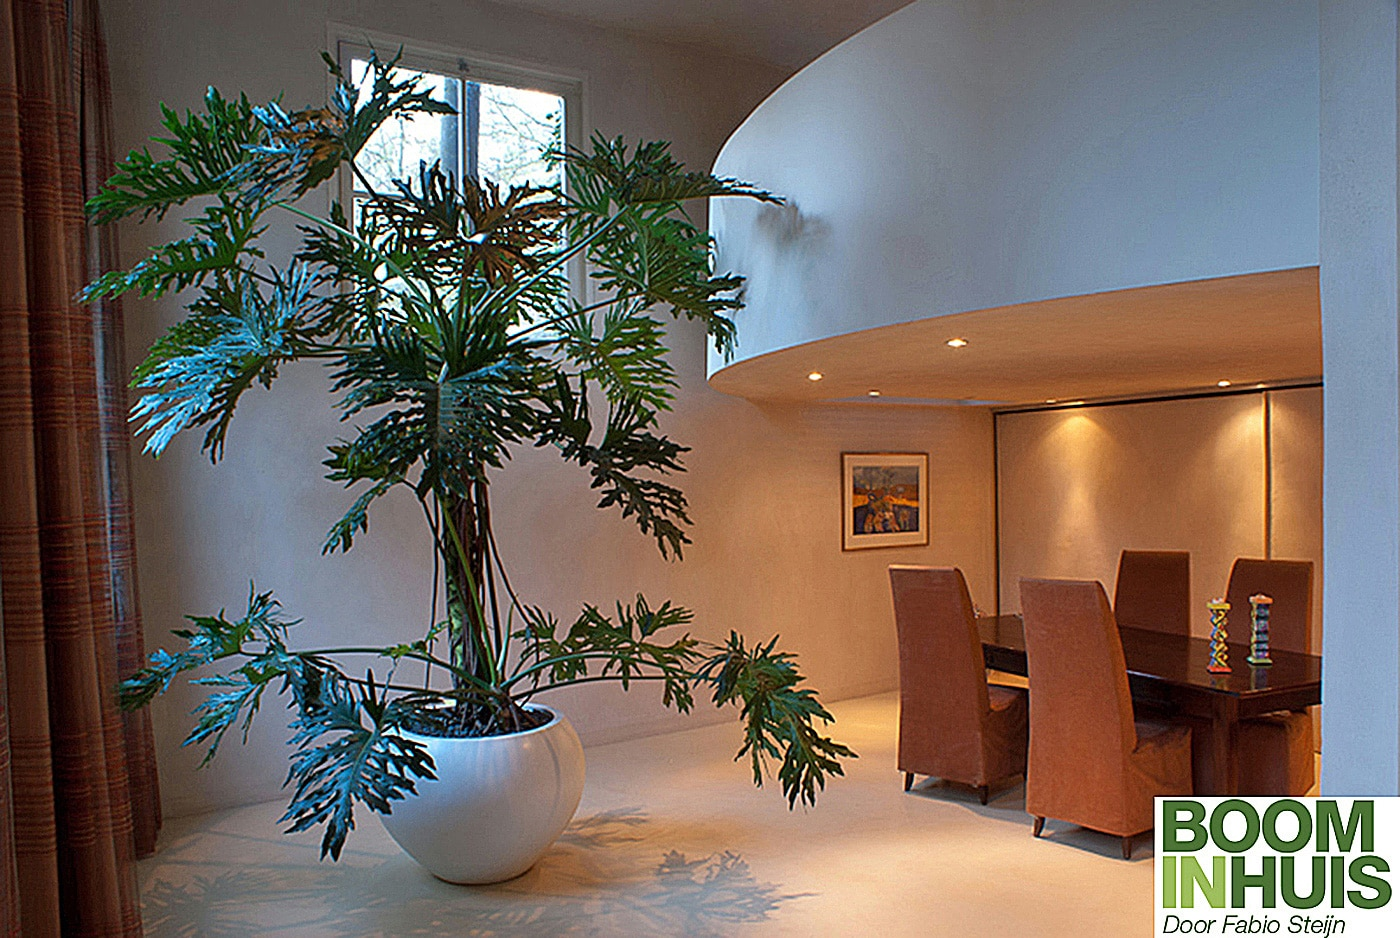 Binnenboom-Groot-Blad-3-meter